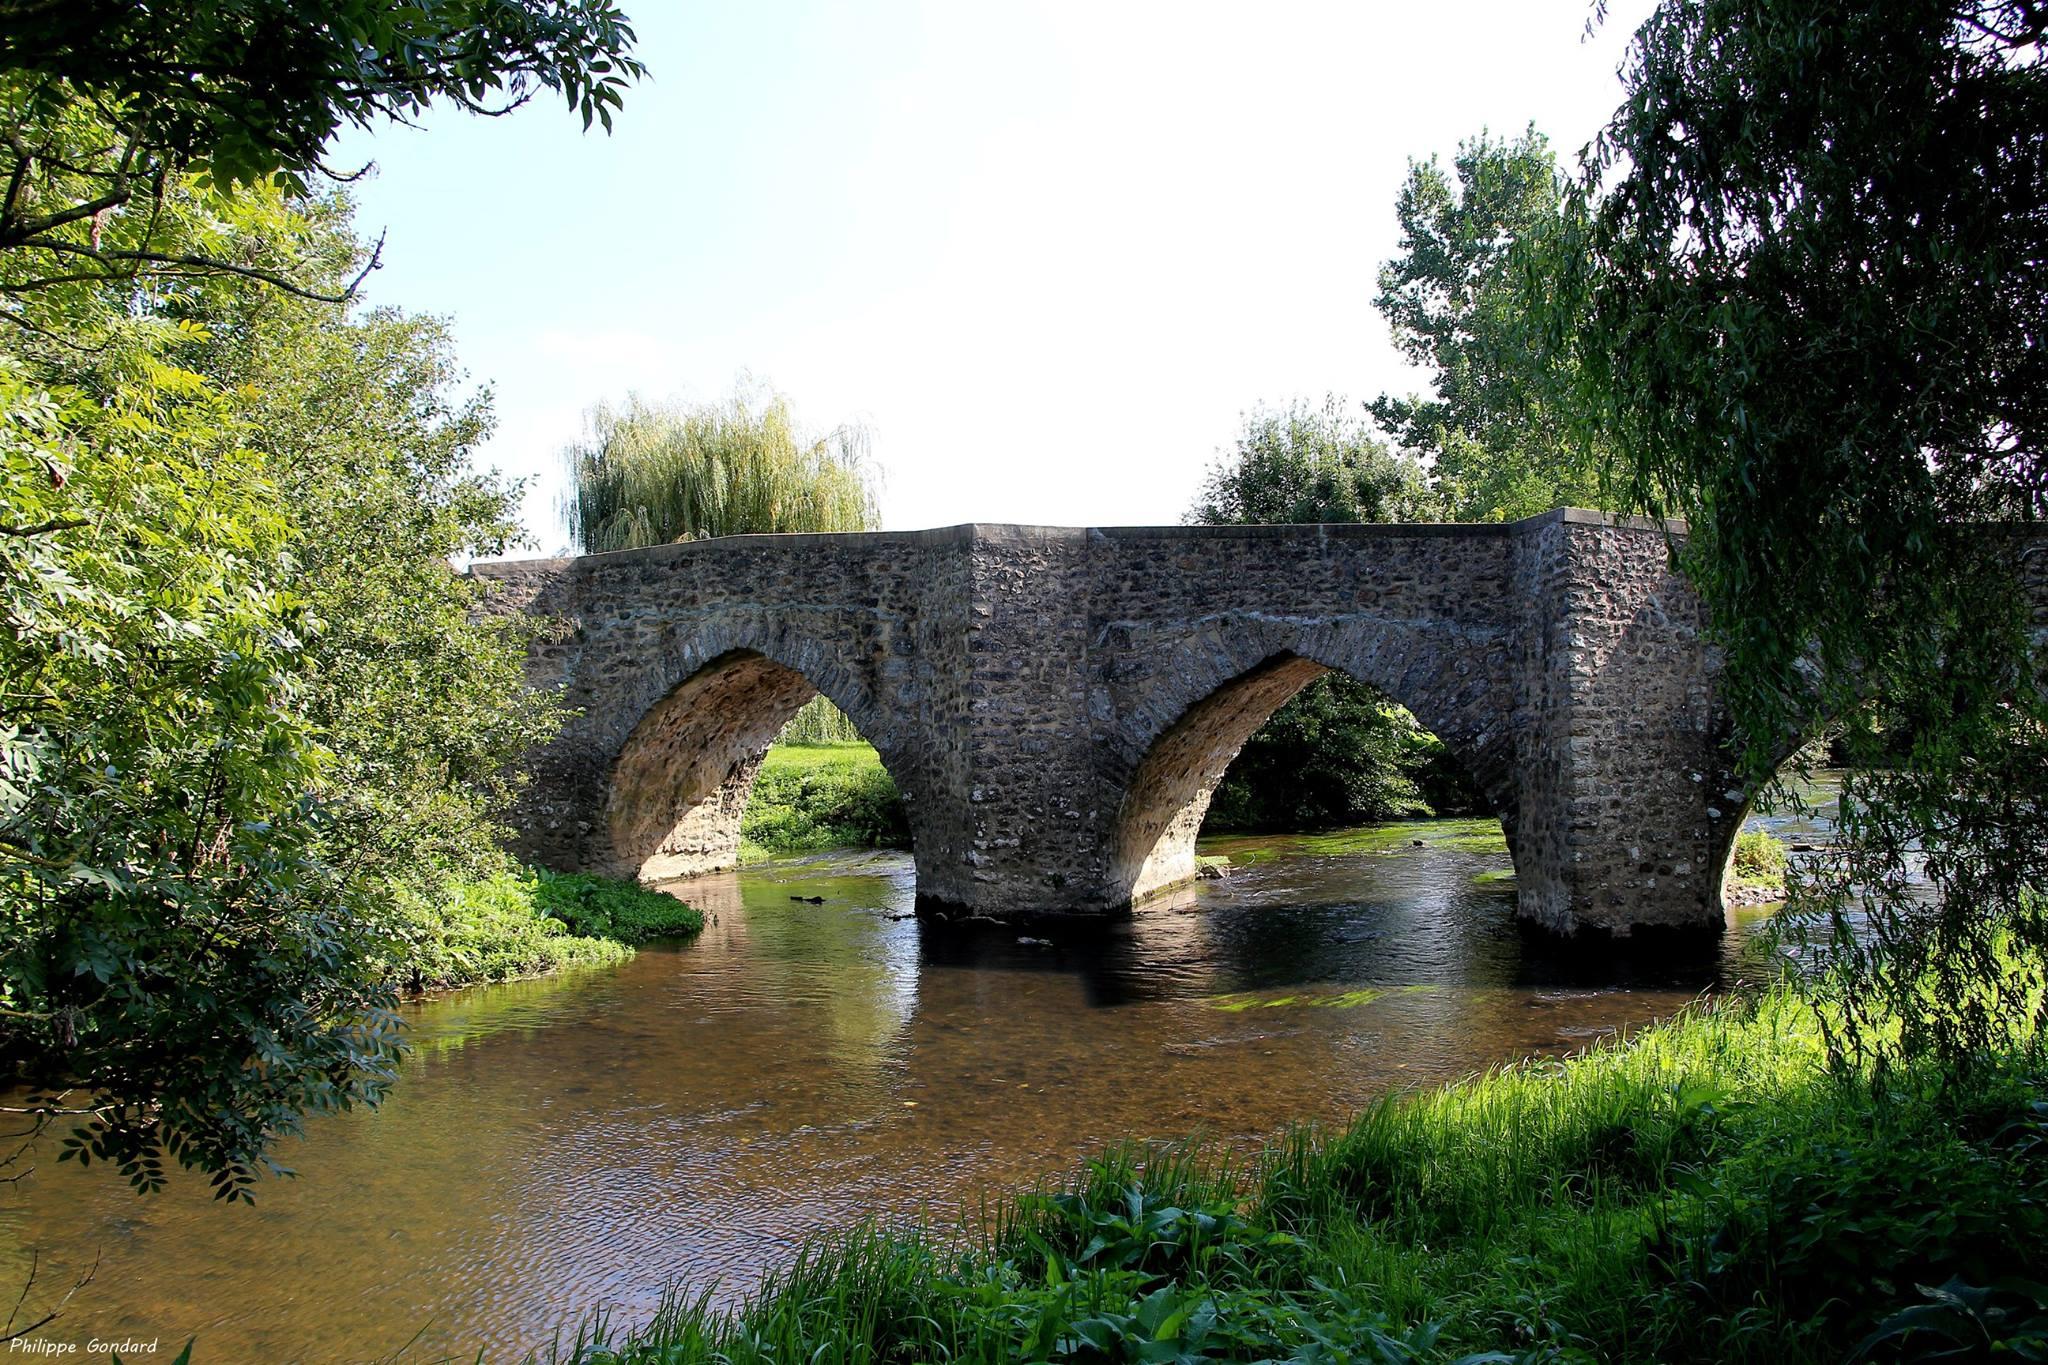 Poillé sur Vègre - Pont du dernier quart du XIVème siècle sur la Vègre (Philippe Gondard)